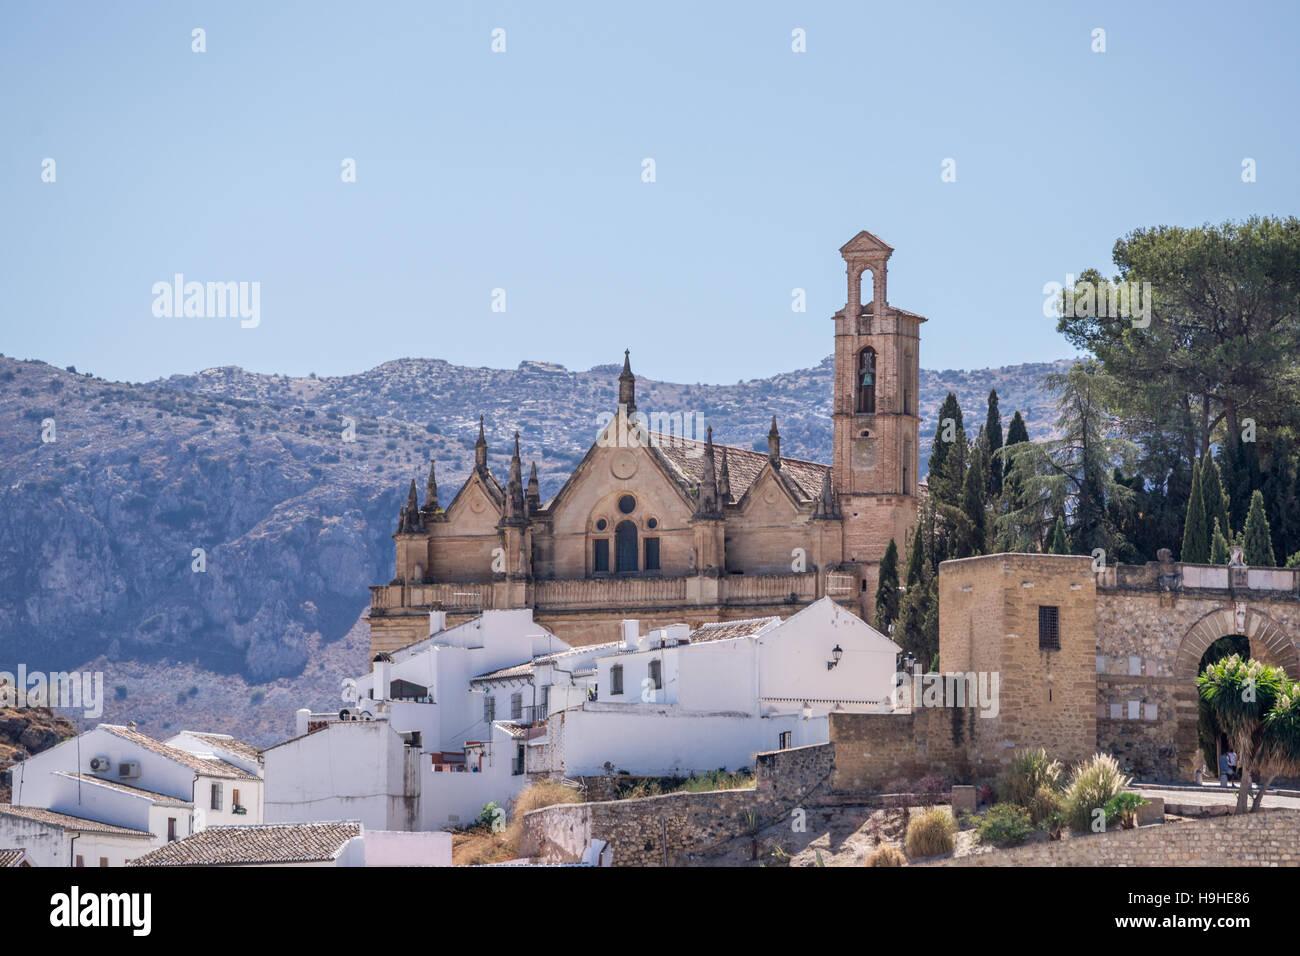 Real Colegiata de Santa María la Mayor in Antequera, province of Malaga, Andalucia, Spain Stock Photo